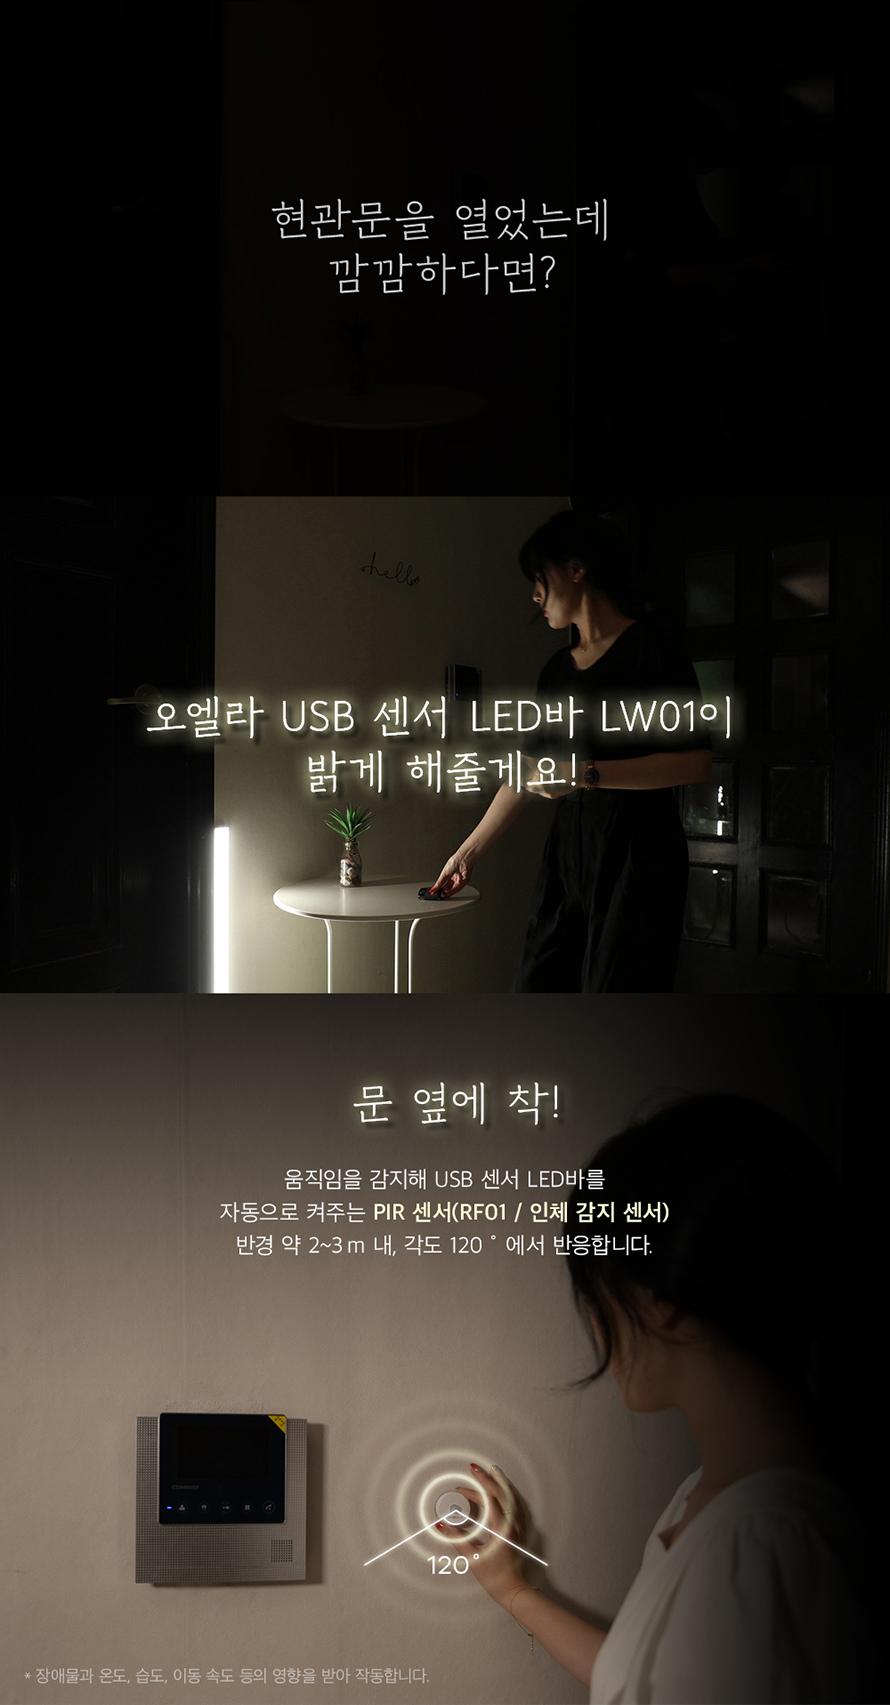 ABKO 오엘라 LED USB 센서바 LW01